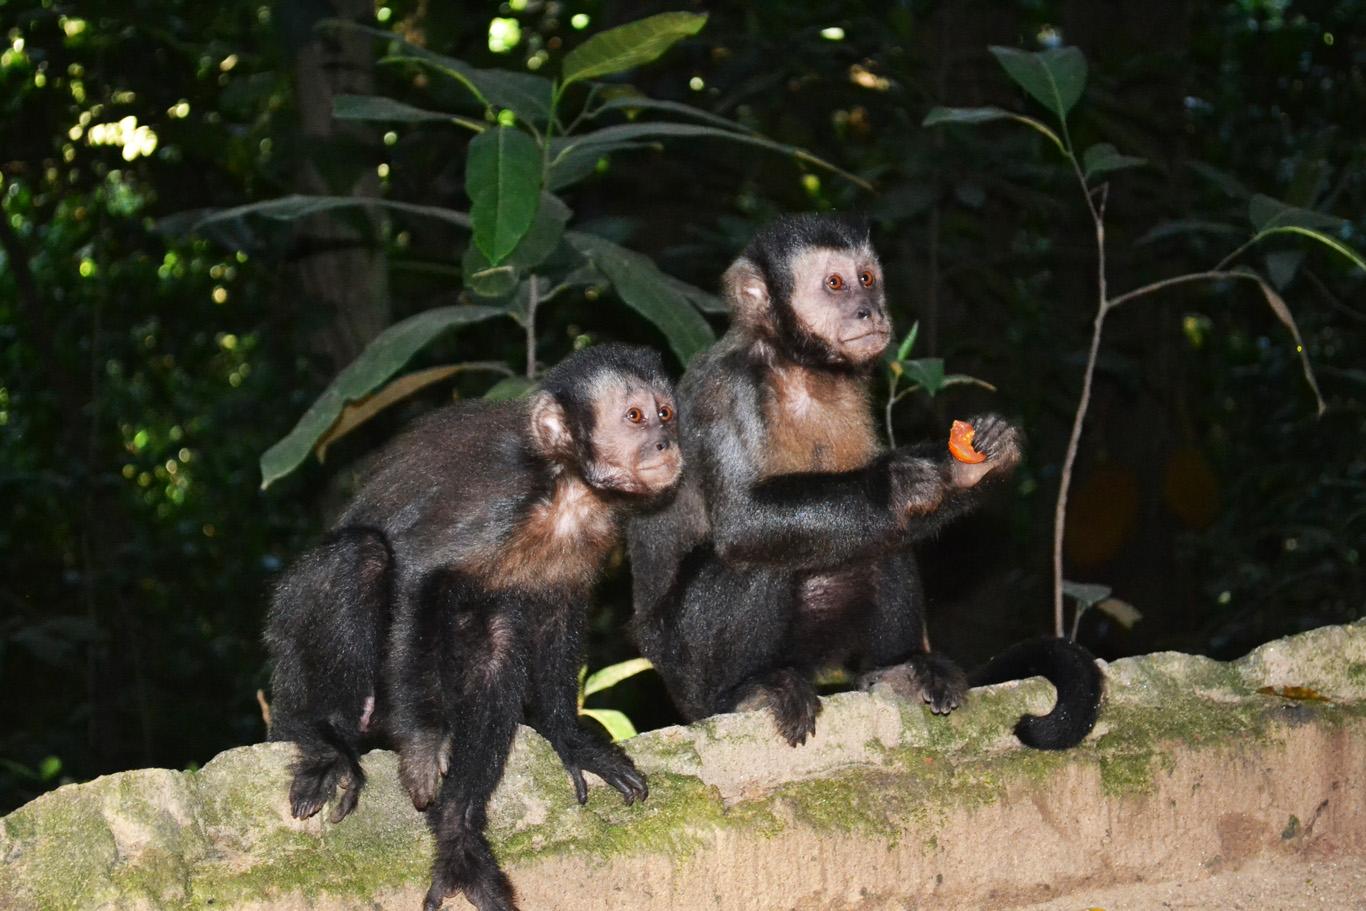 Monkeys in the gardens